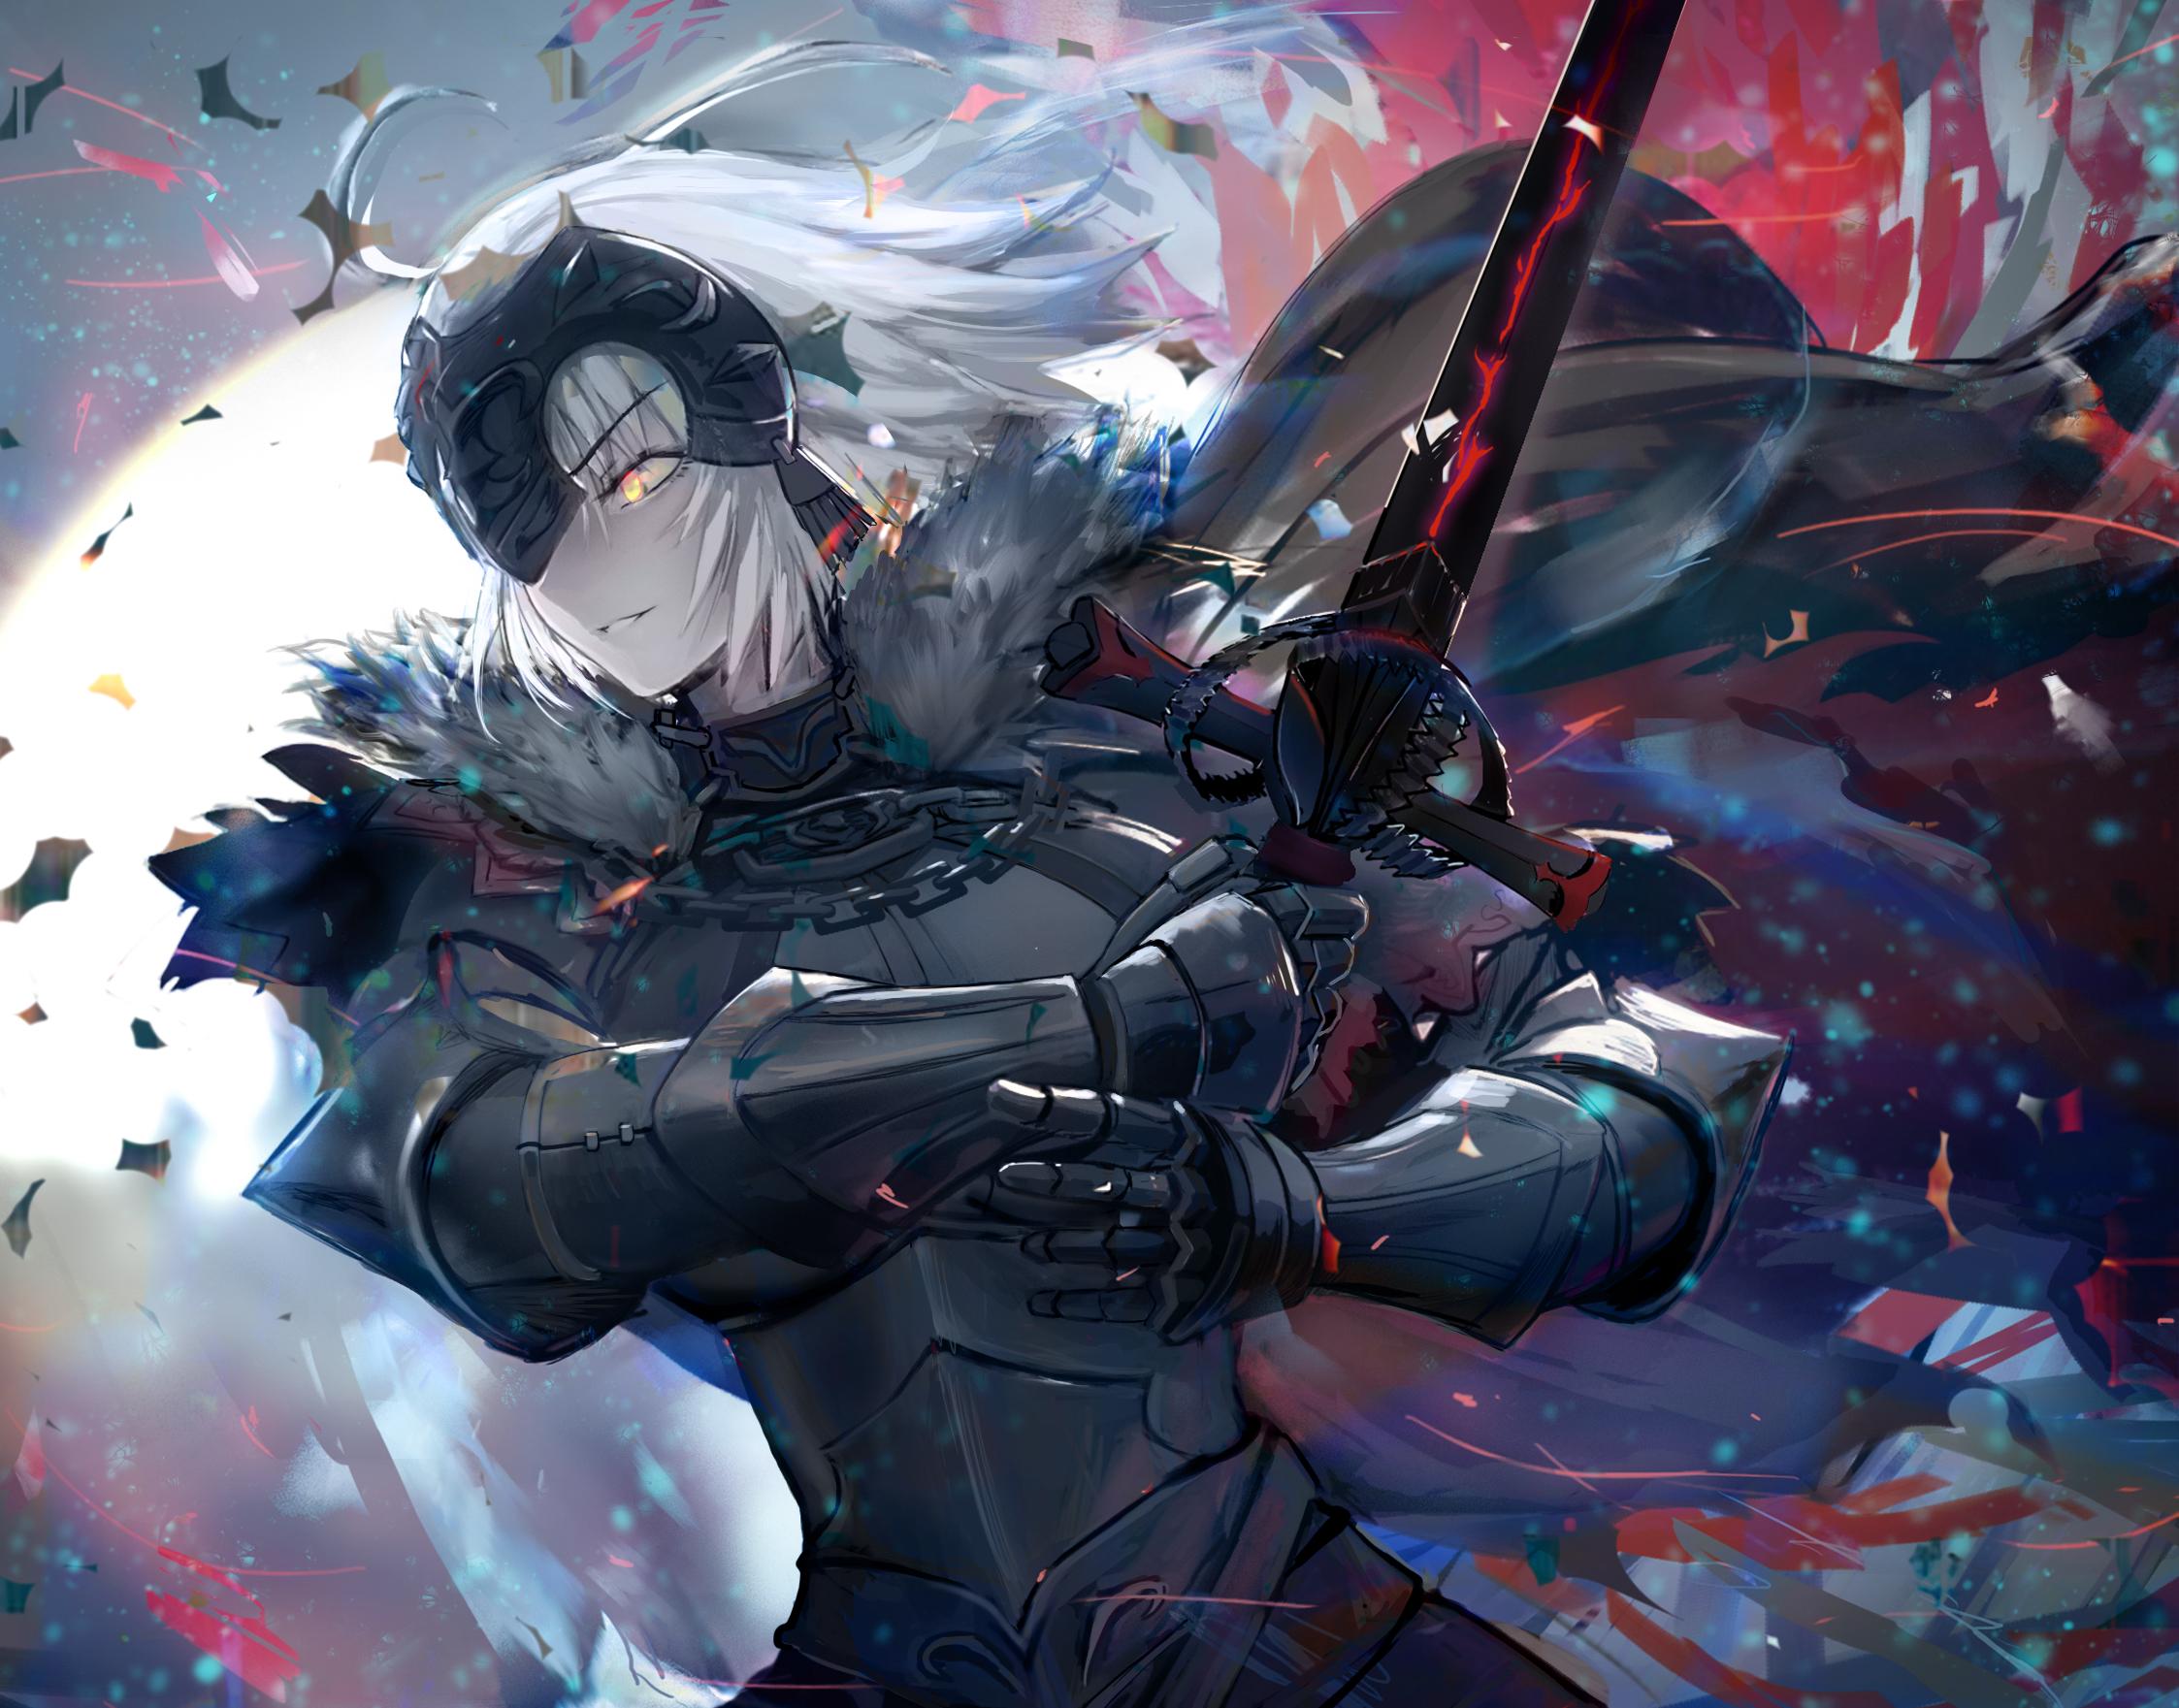 デスクトップ壁紙 : Jeanne Alter Fate Grand Order, Avenger Fate